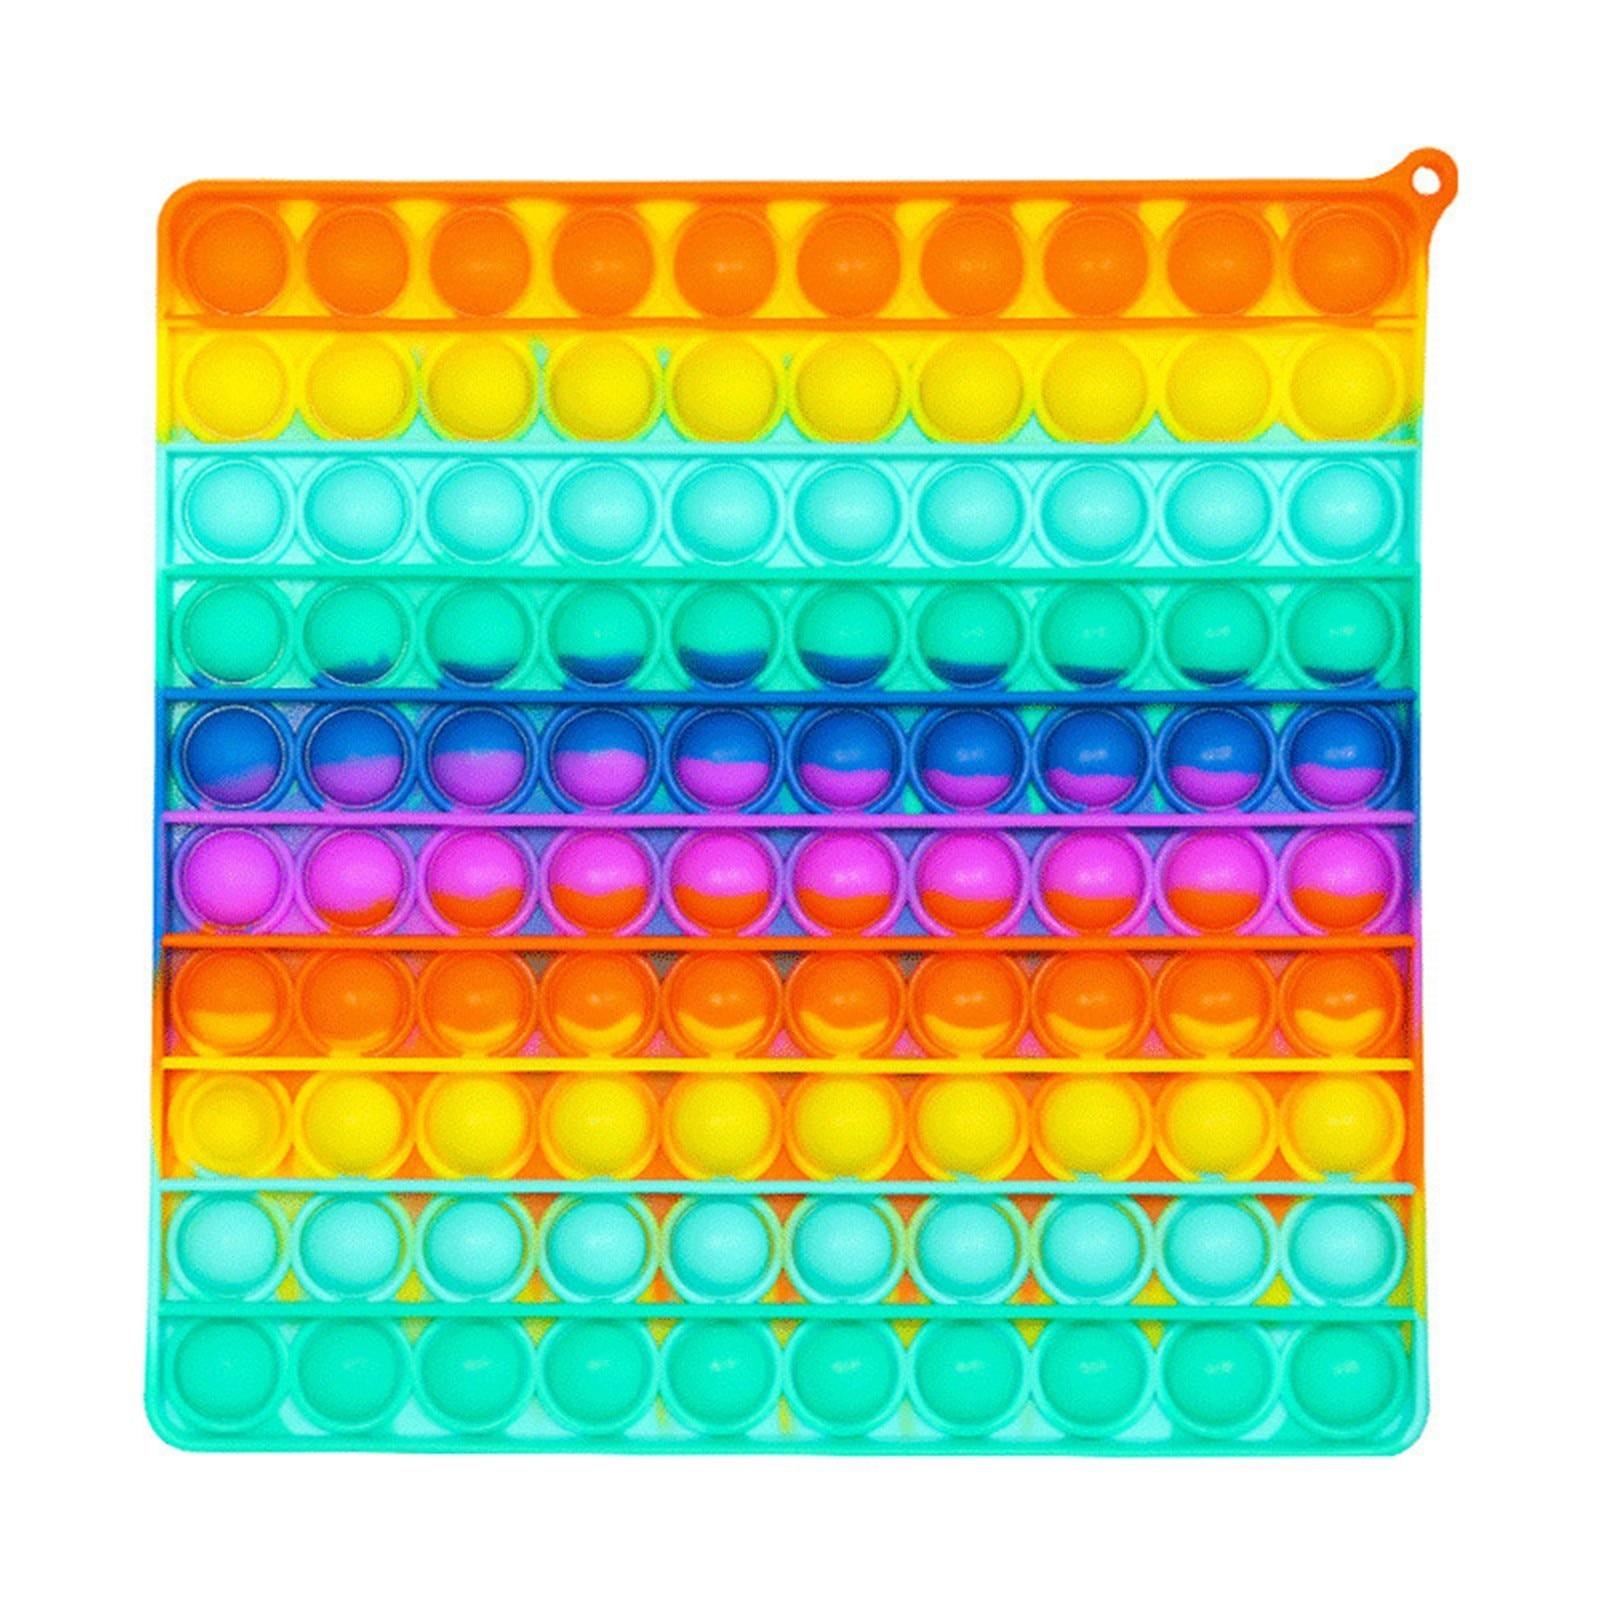 Новые популярные игрушки-антистресс для снятия стресса, радужные пузырьки, игрушки антистресс для взрослых и детей, игрушка для снятия аути...